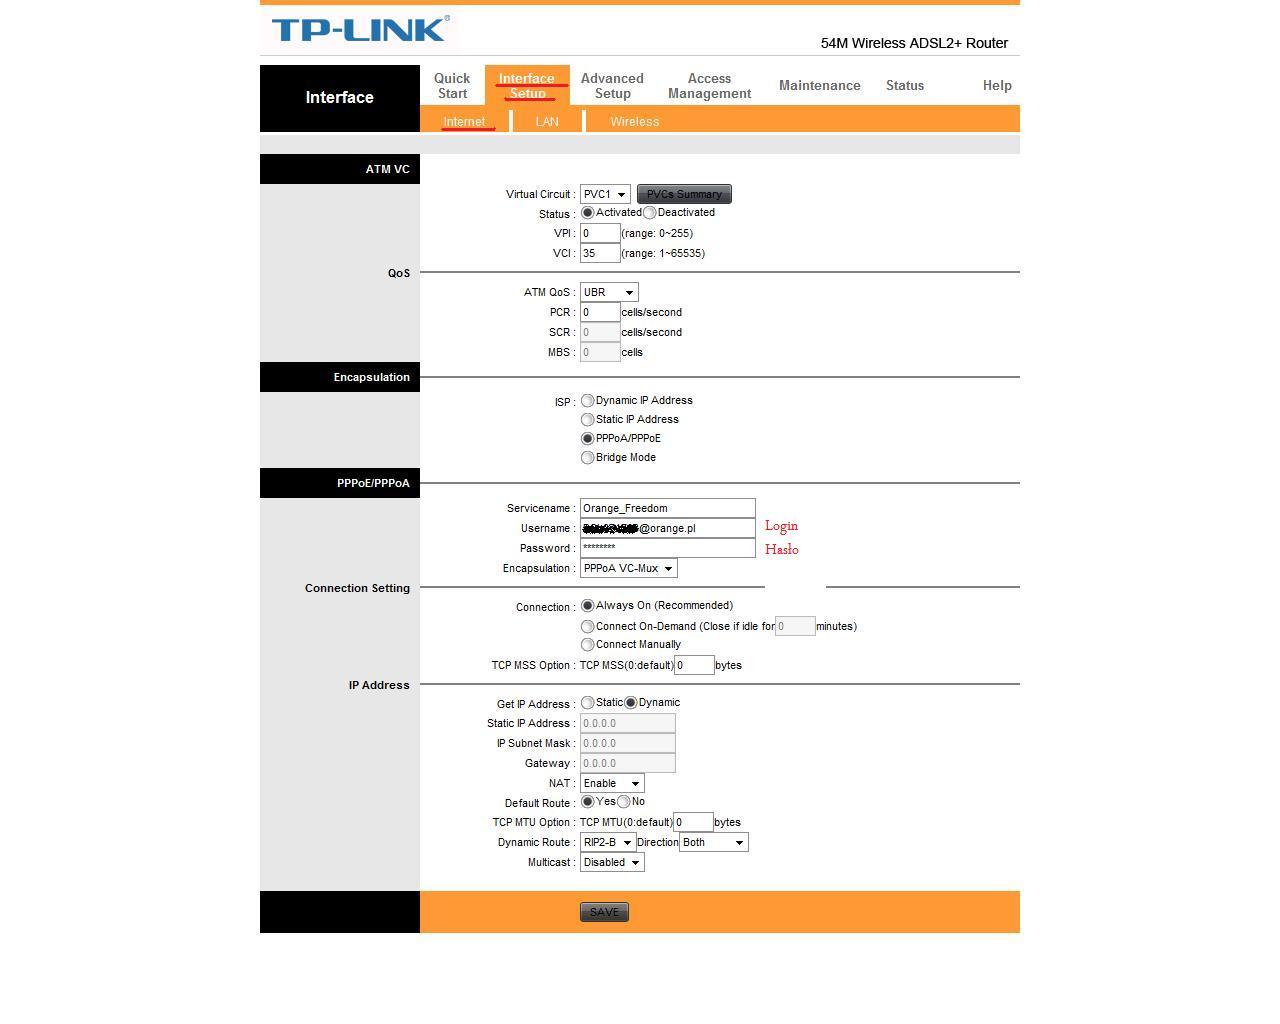 Skonfigurowanie routera TP link W8901 na freedom